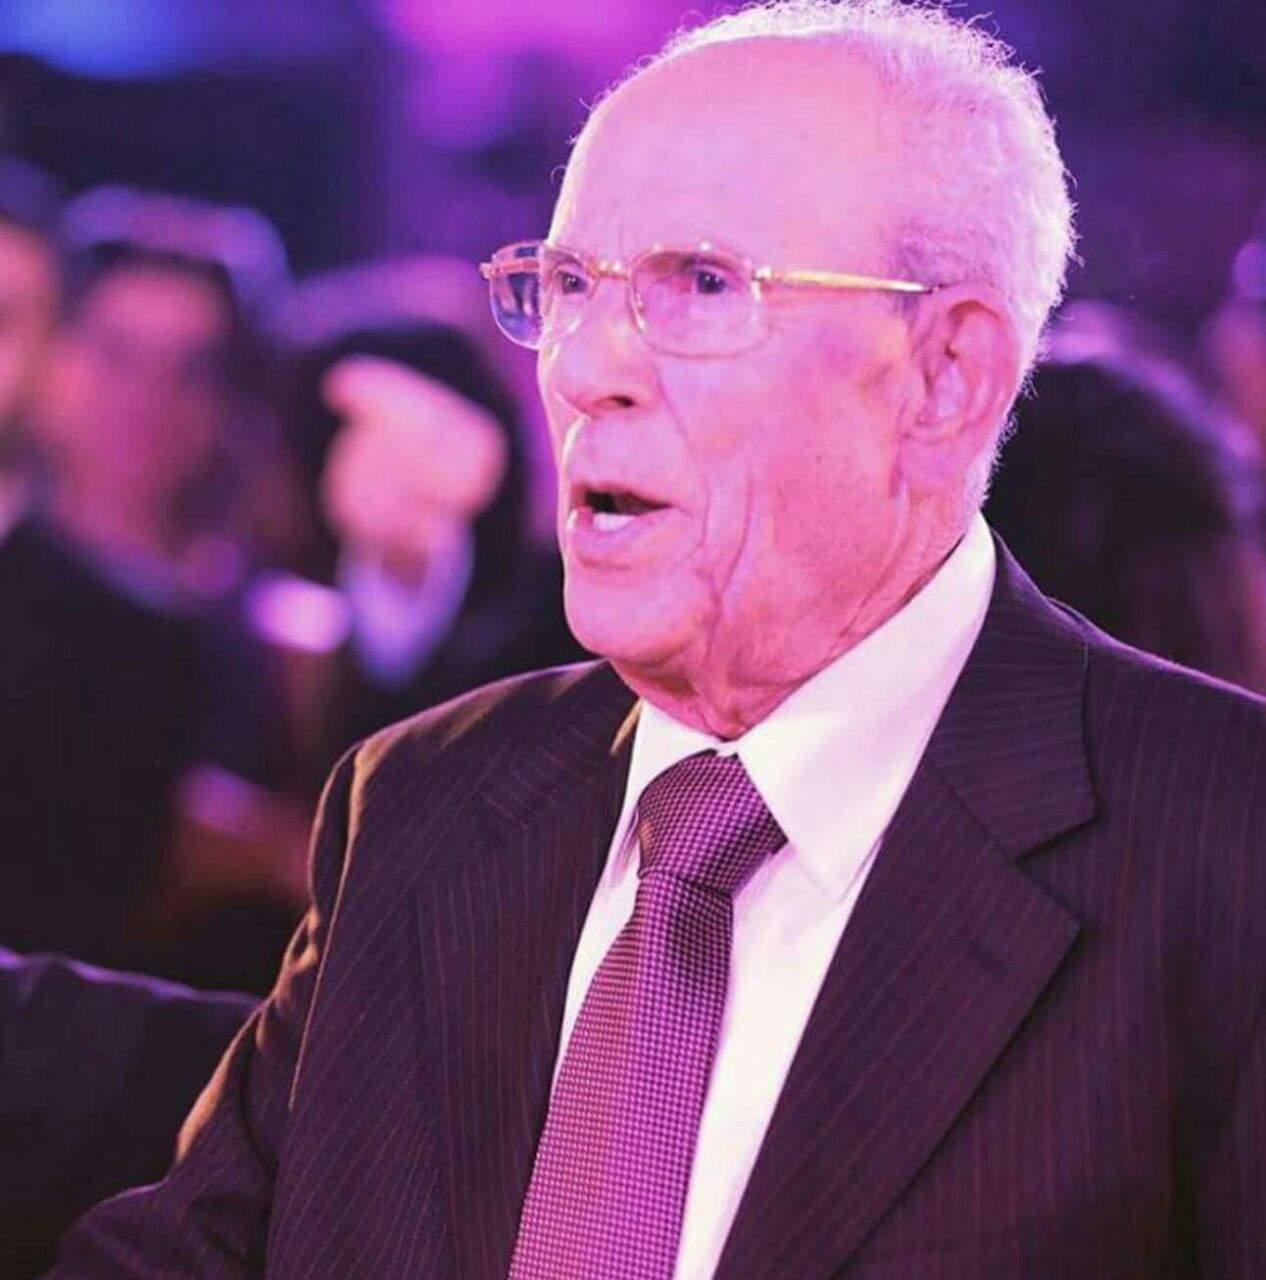 السيد محمود عاشور (أبو حاتم) في ذمّة الله